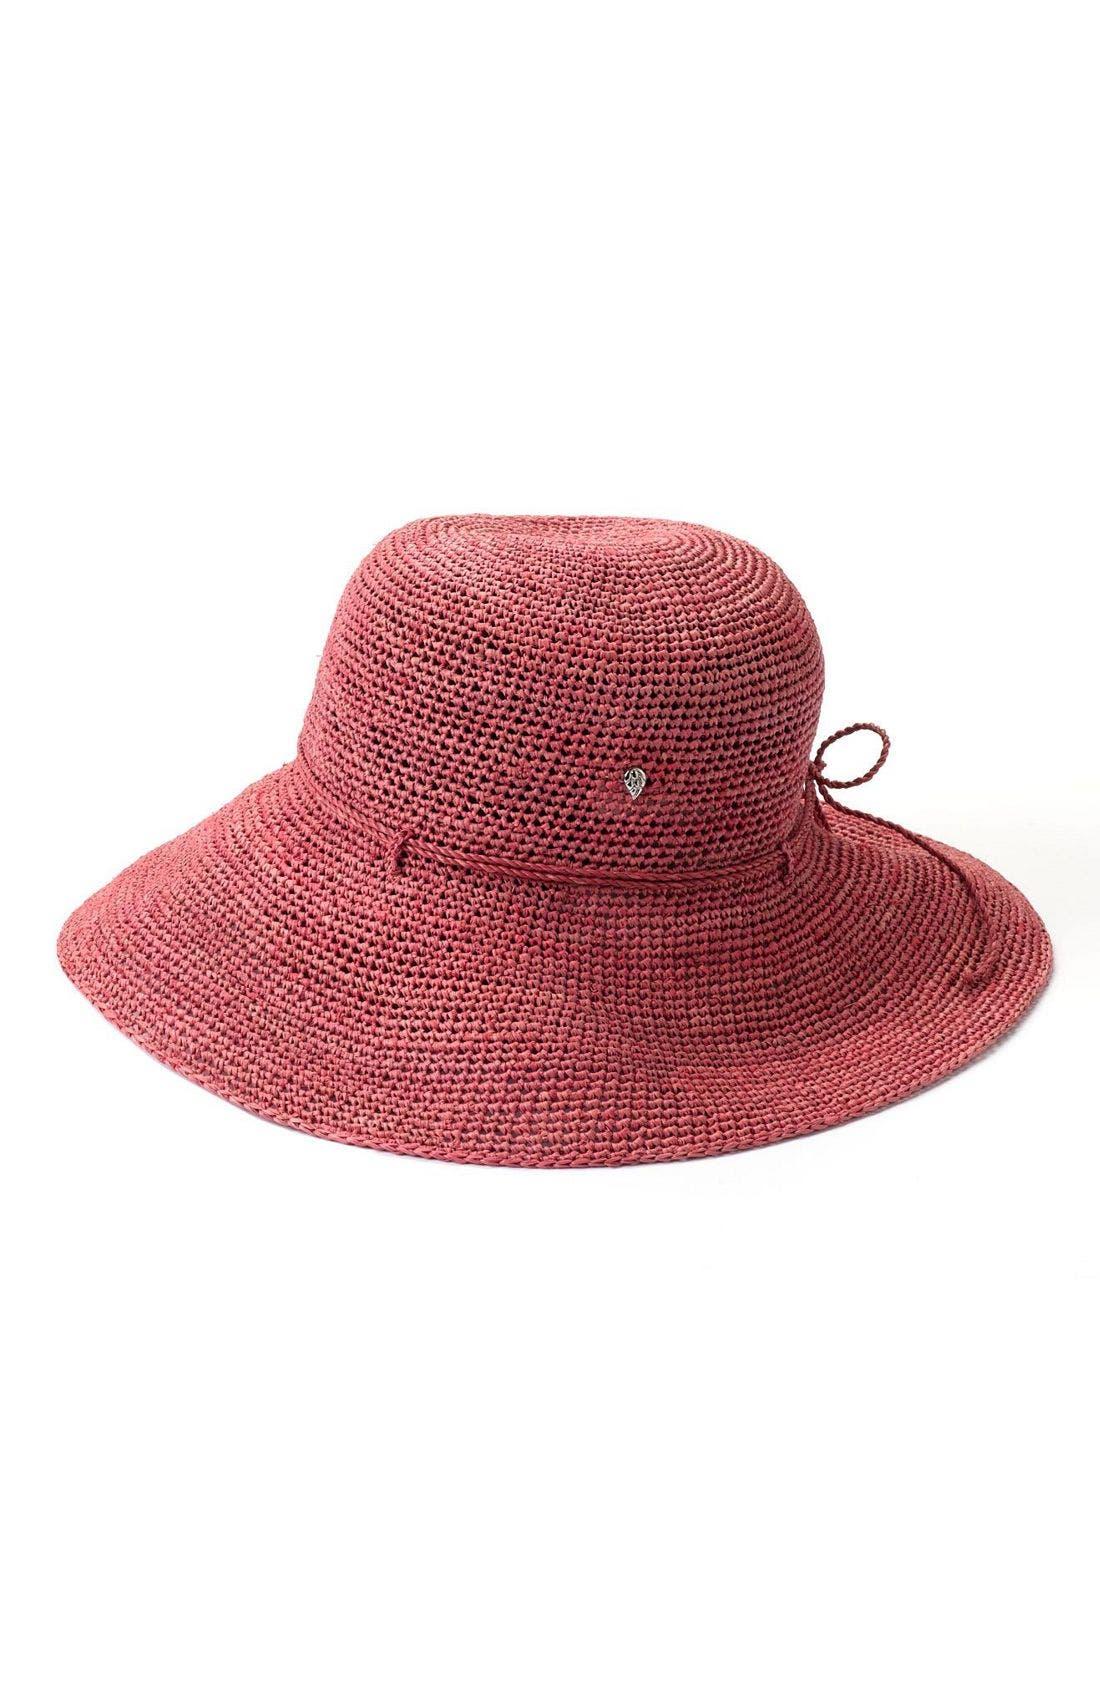 'Provence 12' Packable Raffia Hat,                             Main thumbnail 18, color,